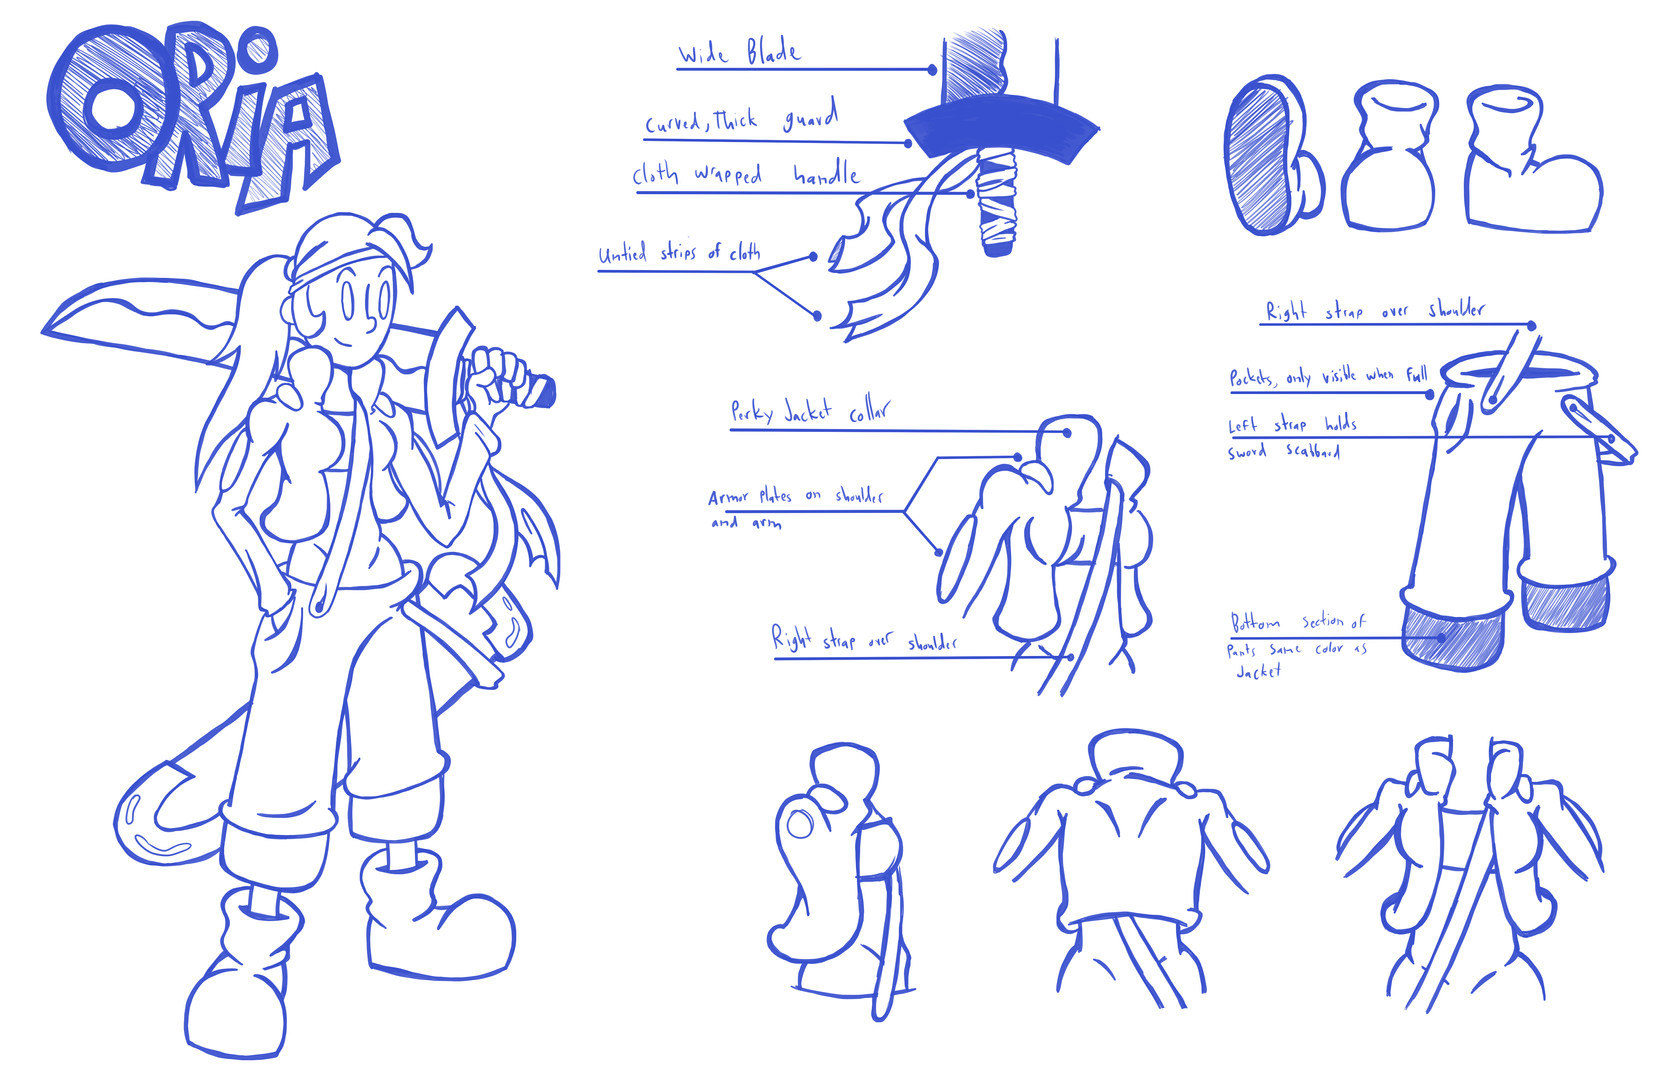 Oria Concept Art